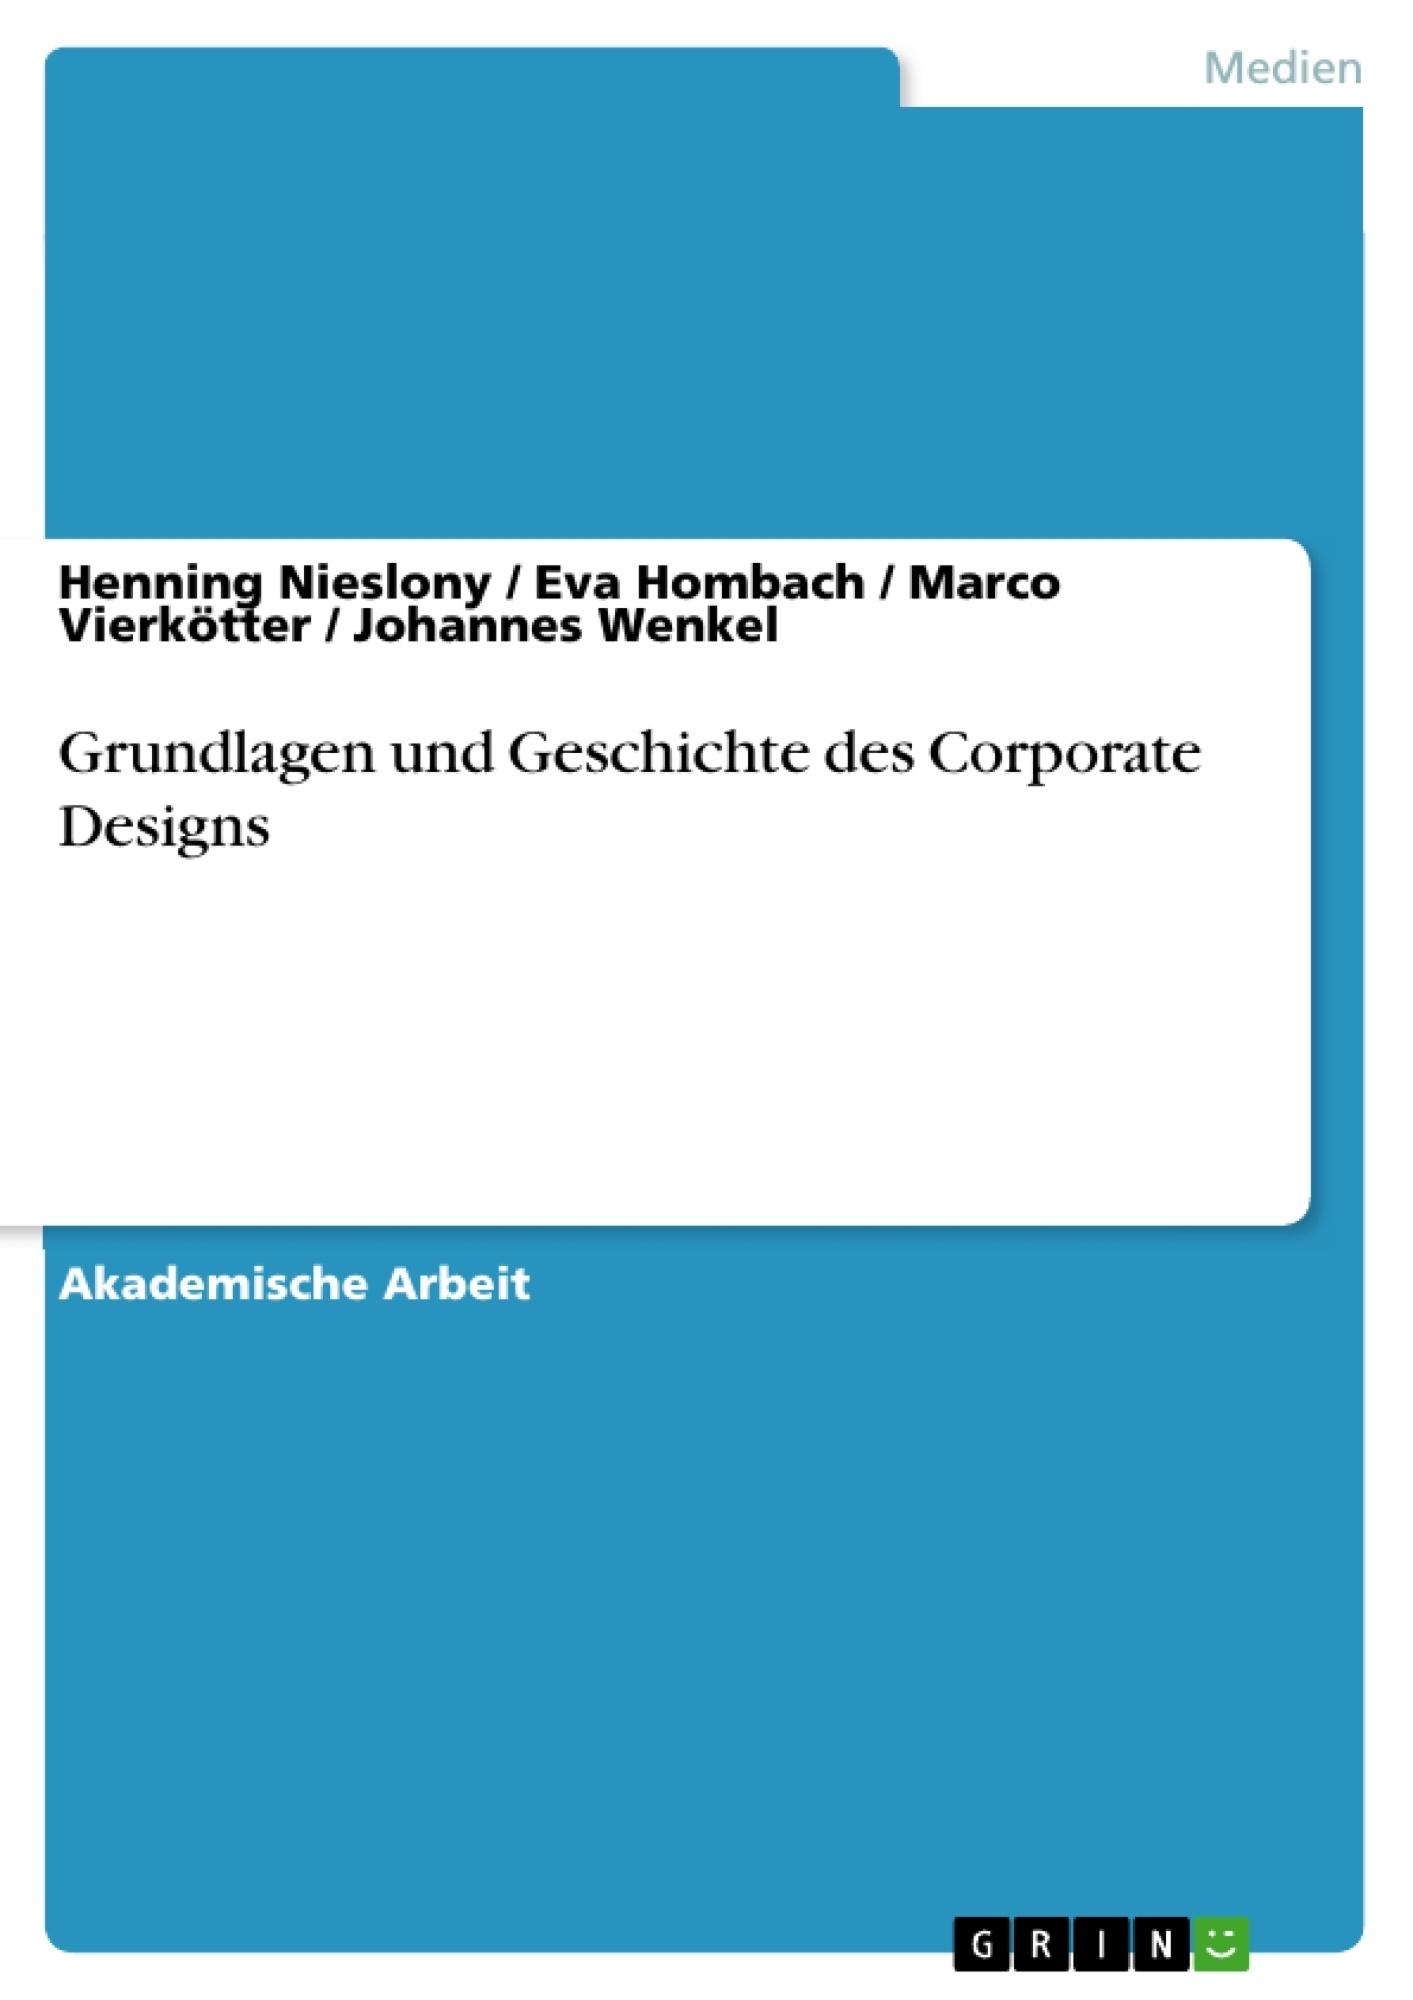 Titel: Grundlagen und Geschichte des Corporate Designs